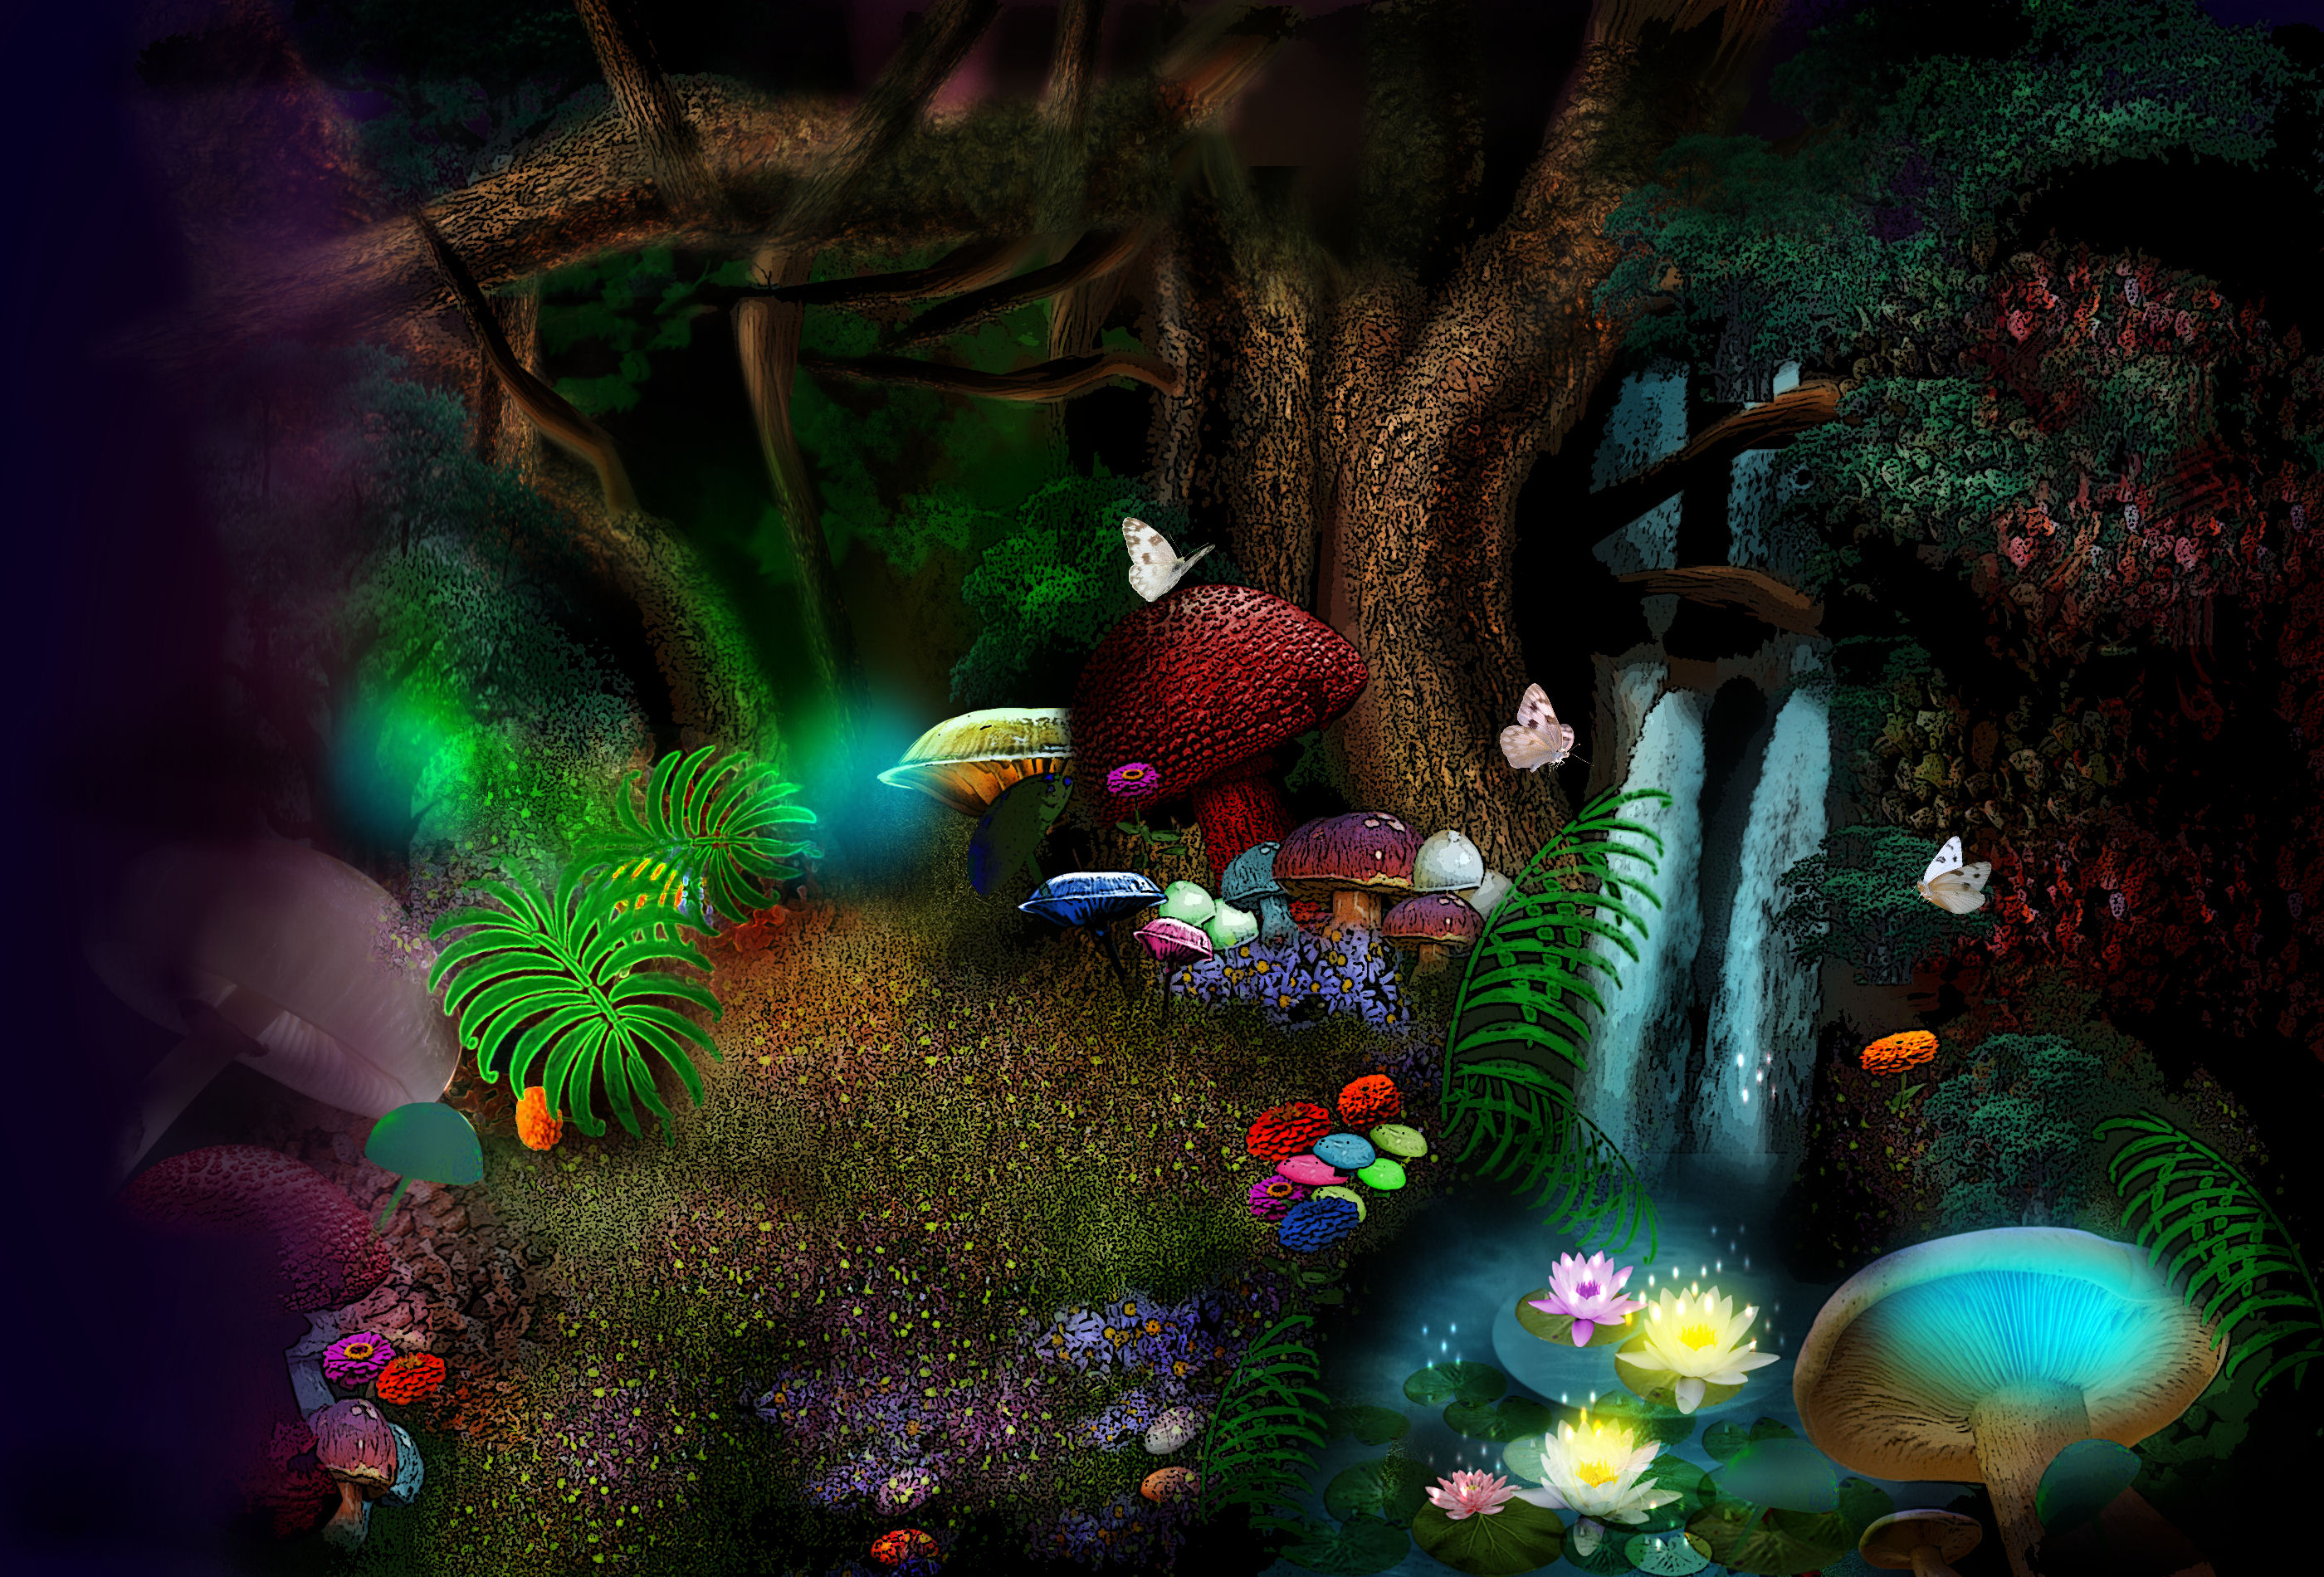 magical world s 3d wallpaper - photo #18